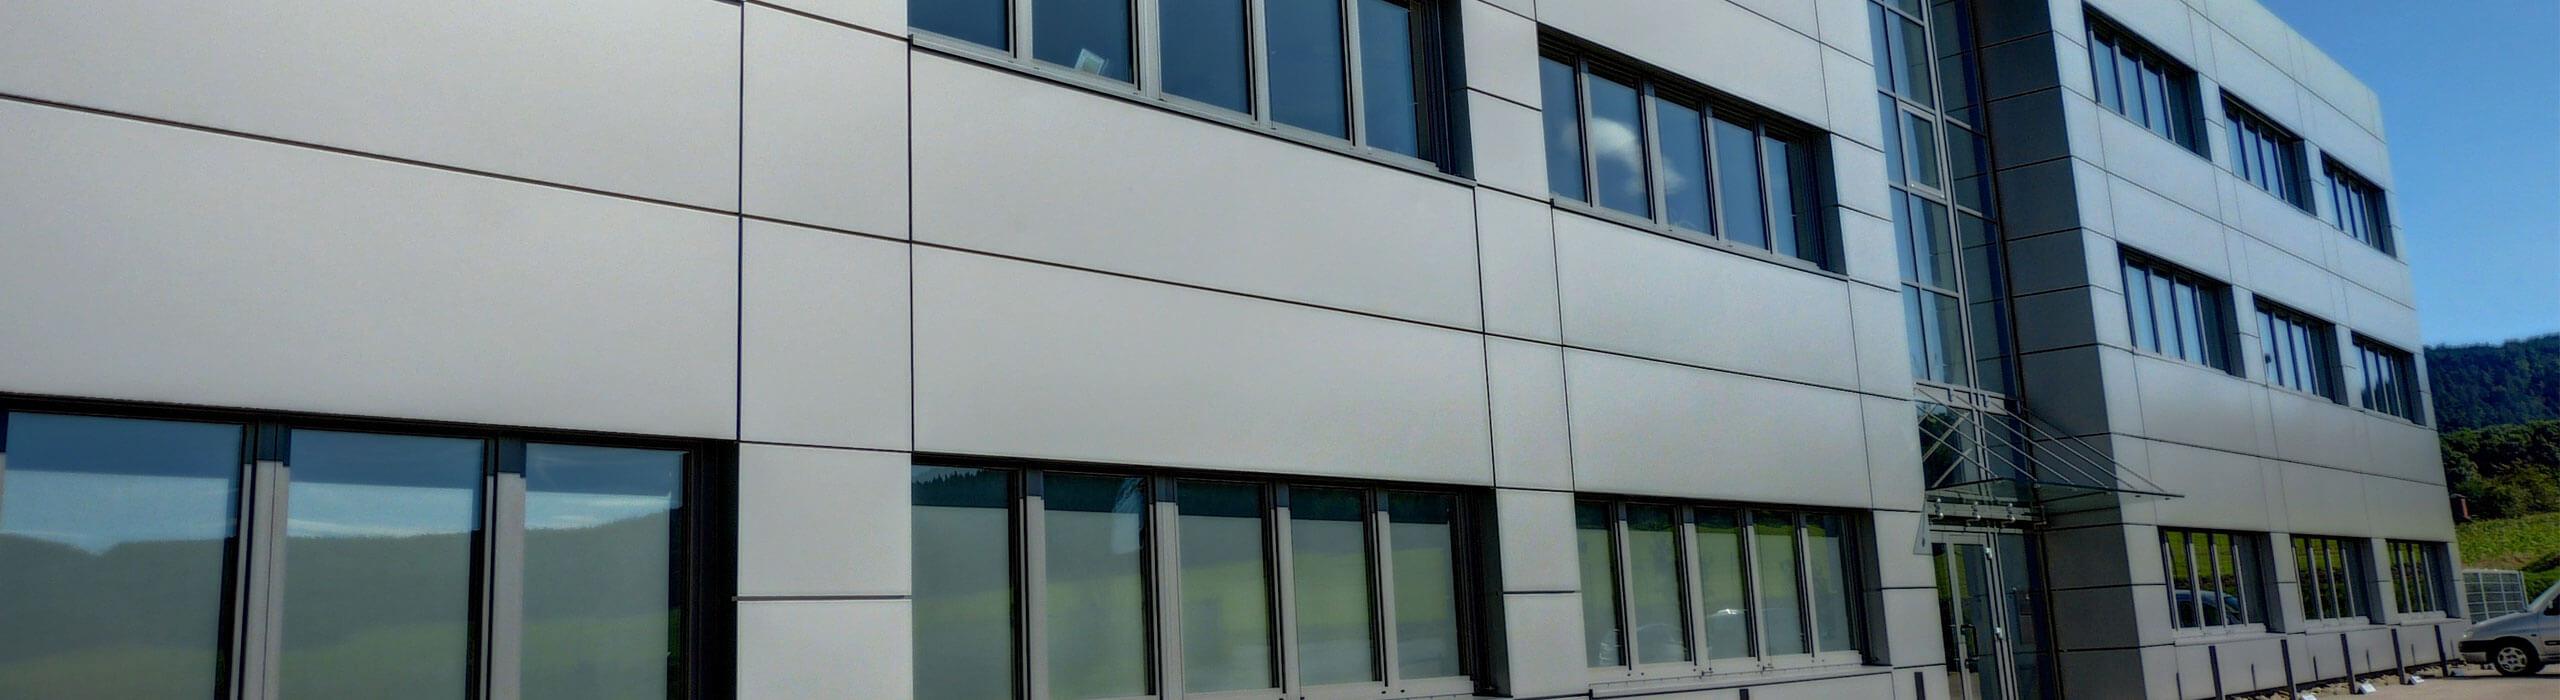 RSB-Stahl-Rationelle-Stahlbearbeitung-Startseite-Header_Bild-2560x700 (1)